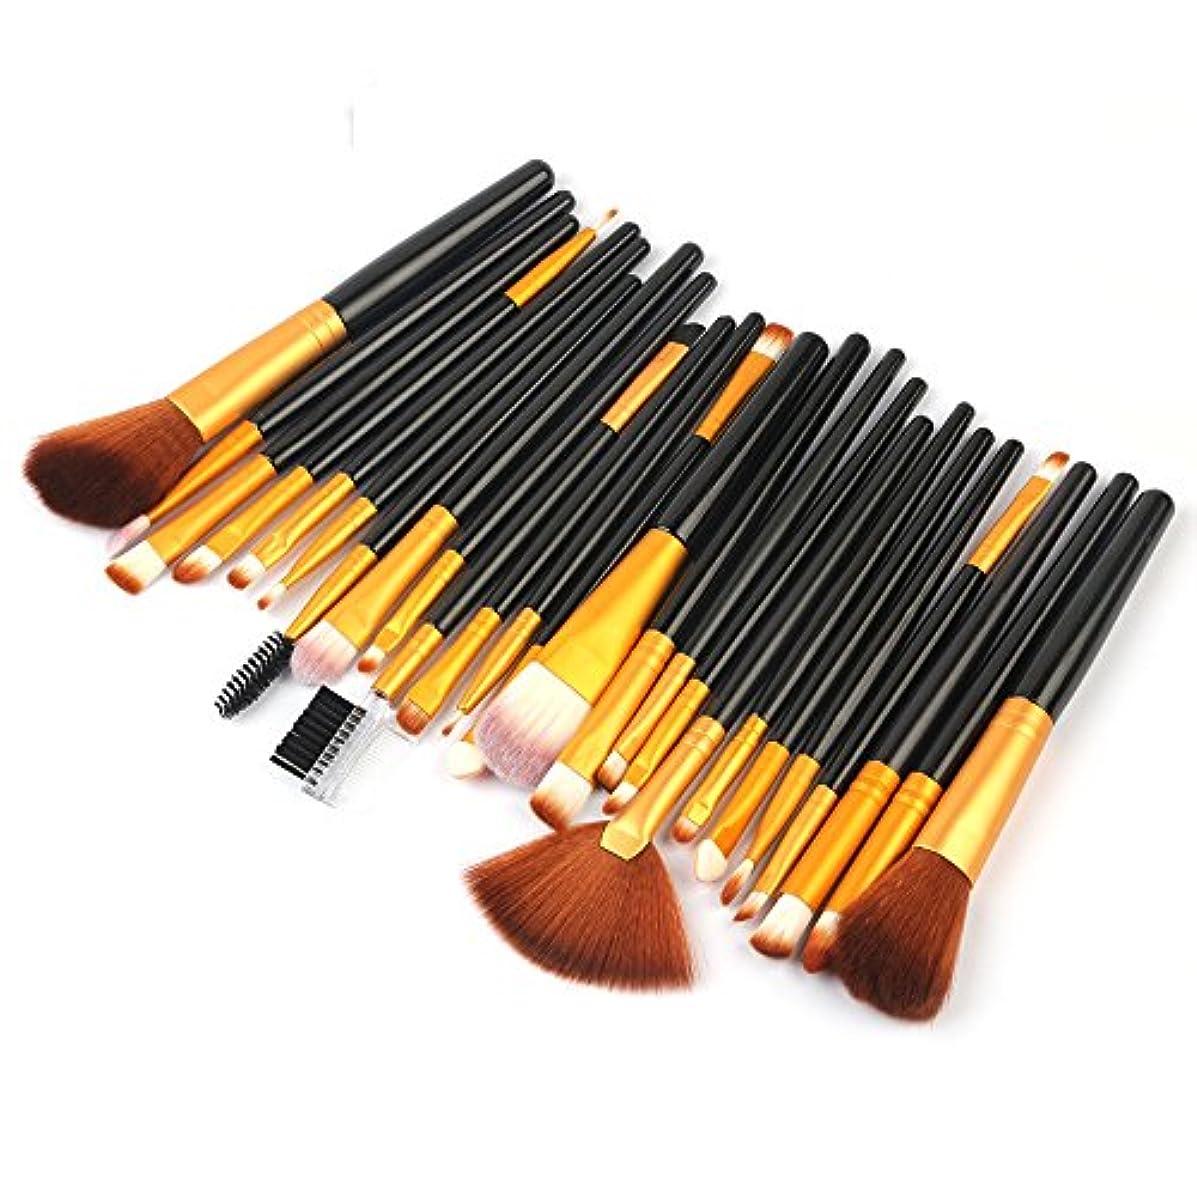 呪い謙虚なアウトドアAkane 25本 プロ 高級 魅力的 高品質 綺麗 美感 たっぷり セート 多機能 使いやすい おしゃれ 便利 柔らかい 激安 日常 仕事 Makeup Brush メイクアップブラシ HJ25